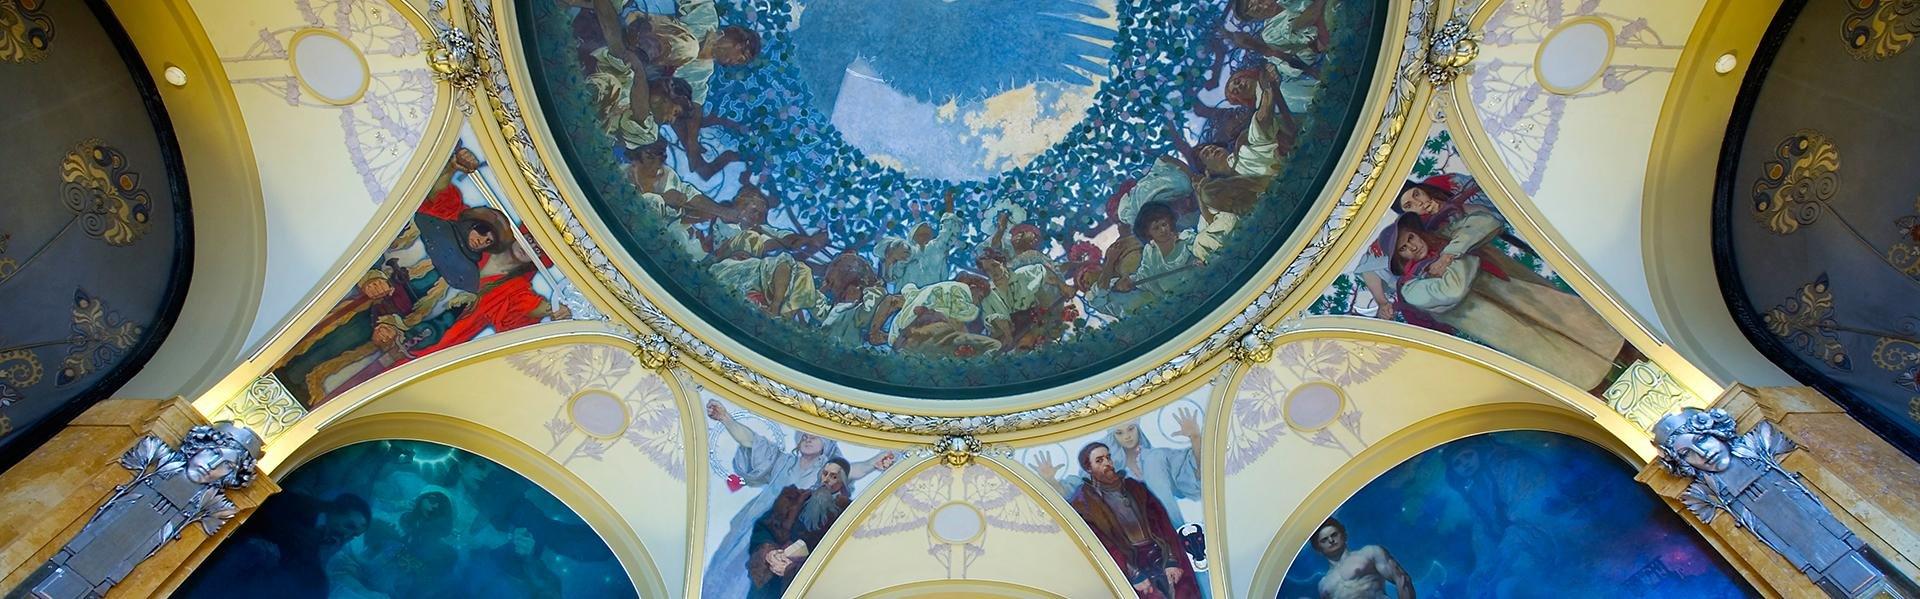 Obecni Dum in Praag, Tsjechië